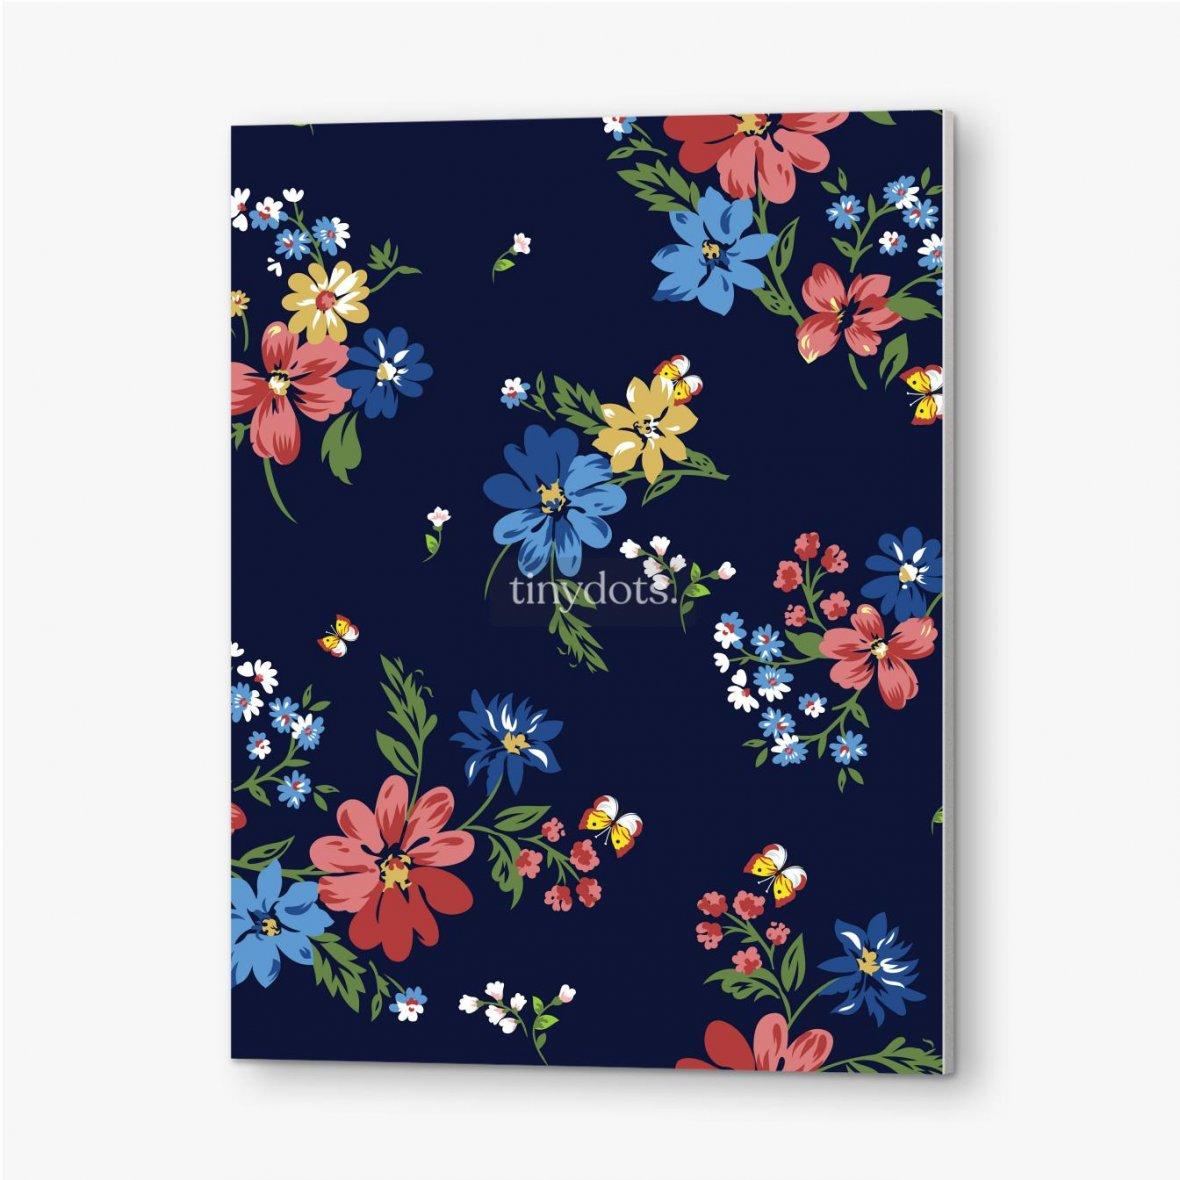 Bilder auf PVC Buntes Blumenmuster auf einem dunkelblauen Hintergrund